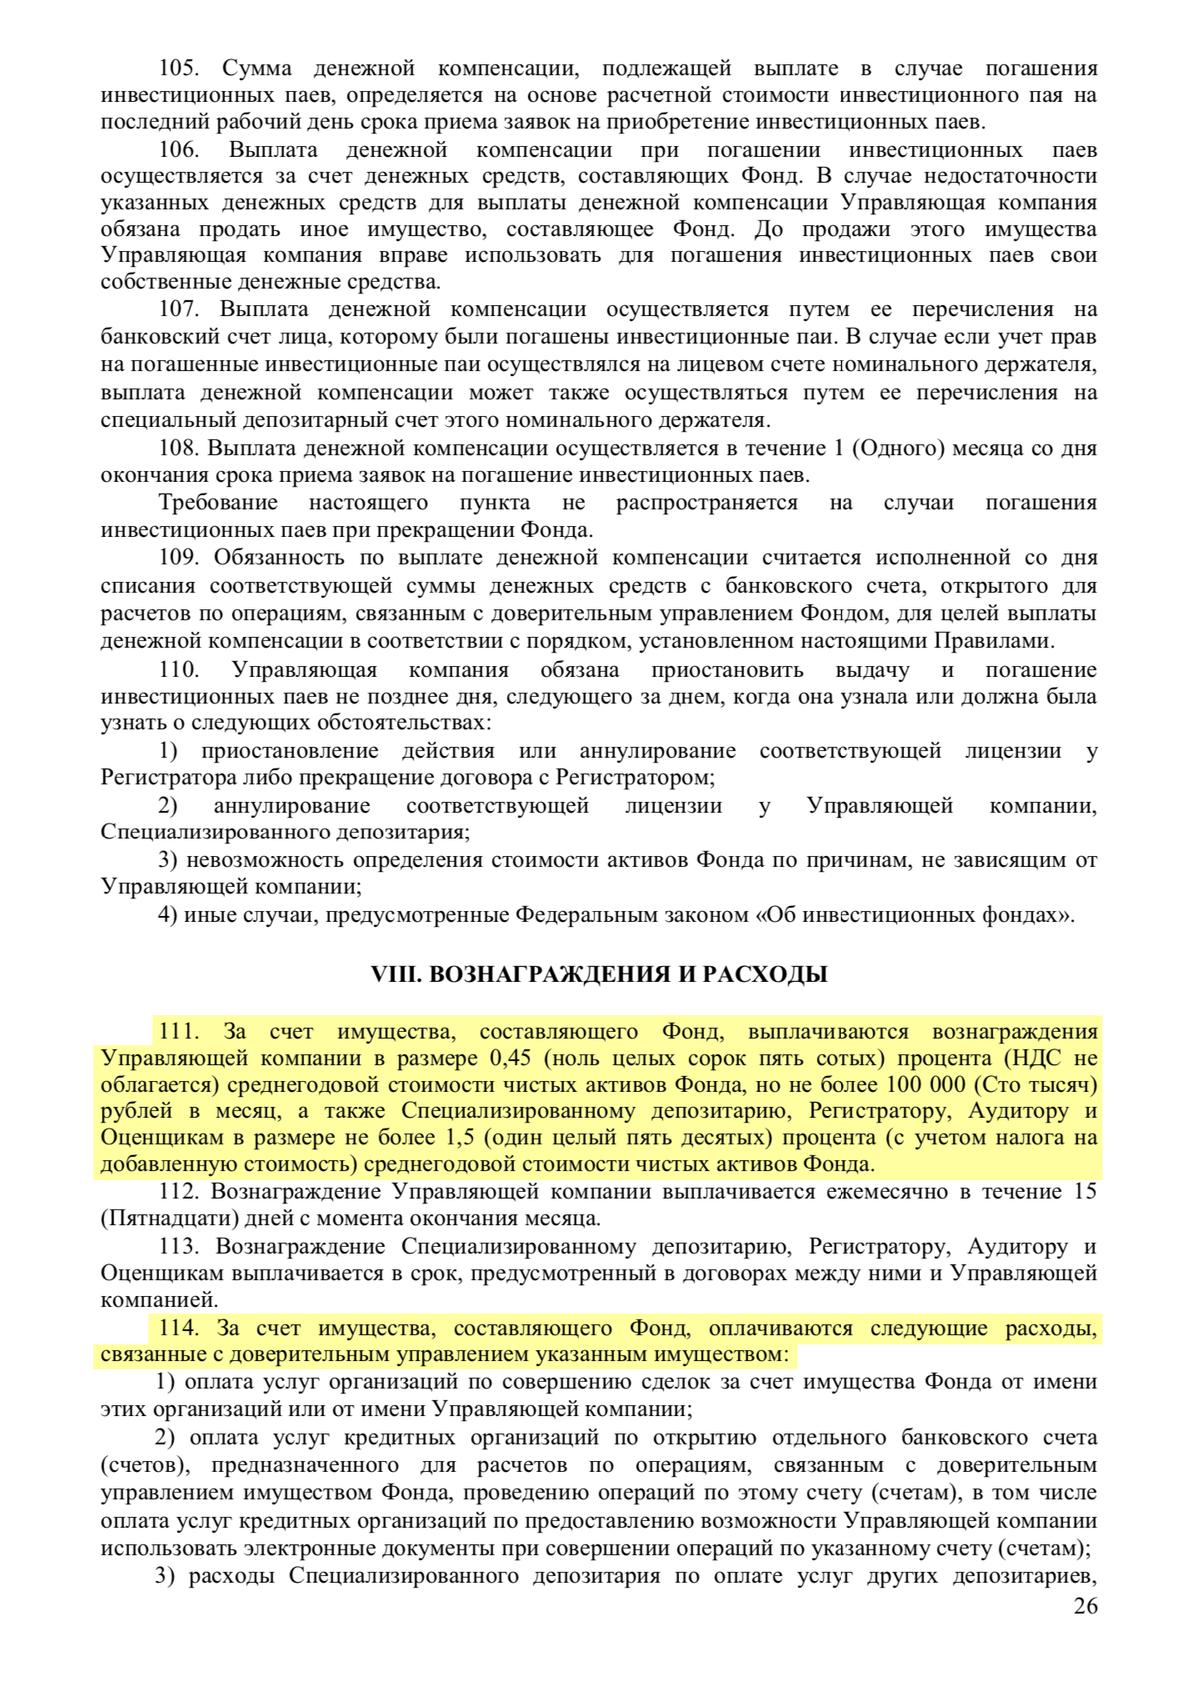 Согласно пункту 111, УК получает 0,45% в год от стоимости чистых активов ПИФа, но не более 1 200 000<span class=ruble>Р</span>. Размер вознаграждения остальной инфраструктуры — не более 1,5% в год. В пункте&nbsp;114 указаны все расходы, которые может нести УК за счет ПИФа